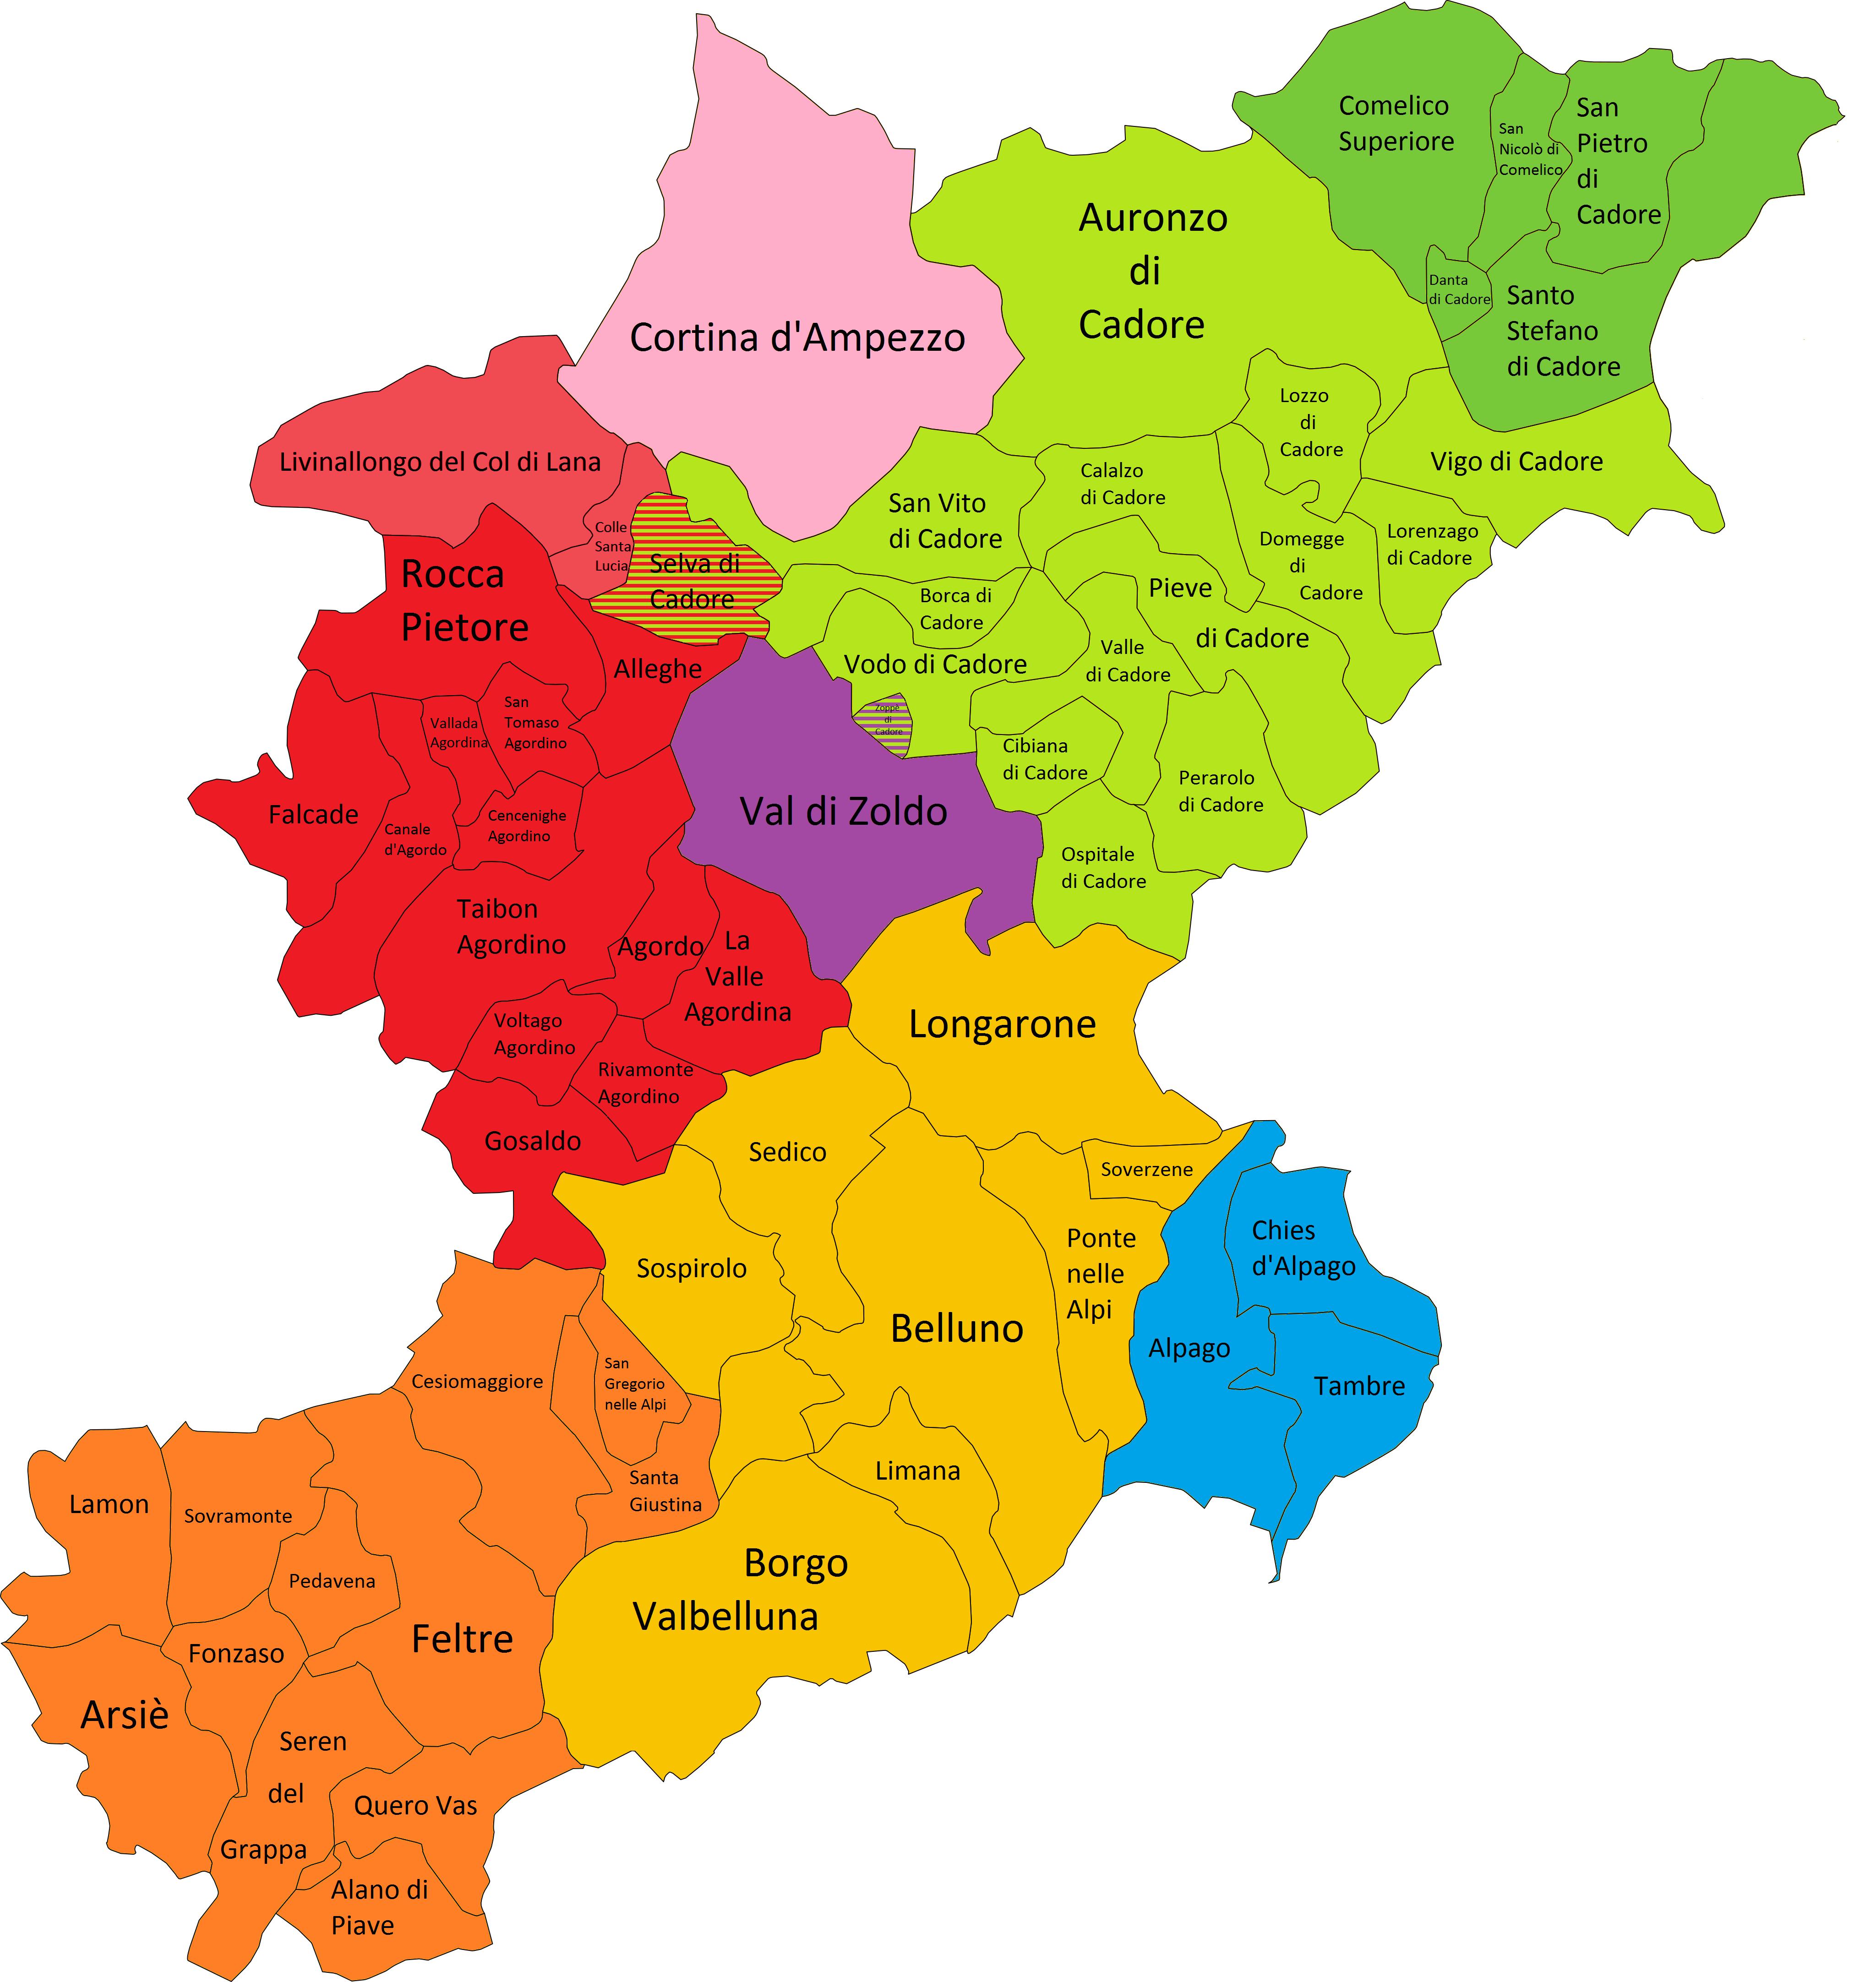 Borca Di Cadore Comune file:provincia di belluno - wikimedia commons